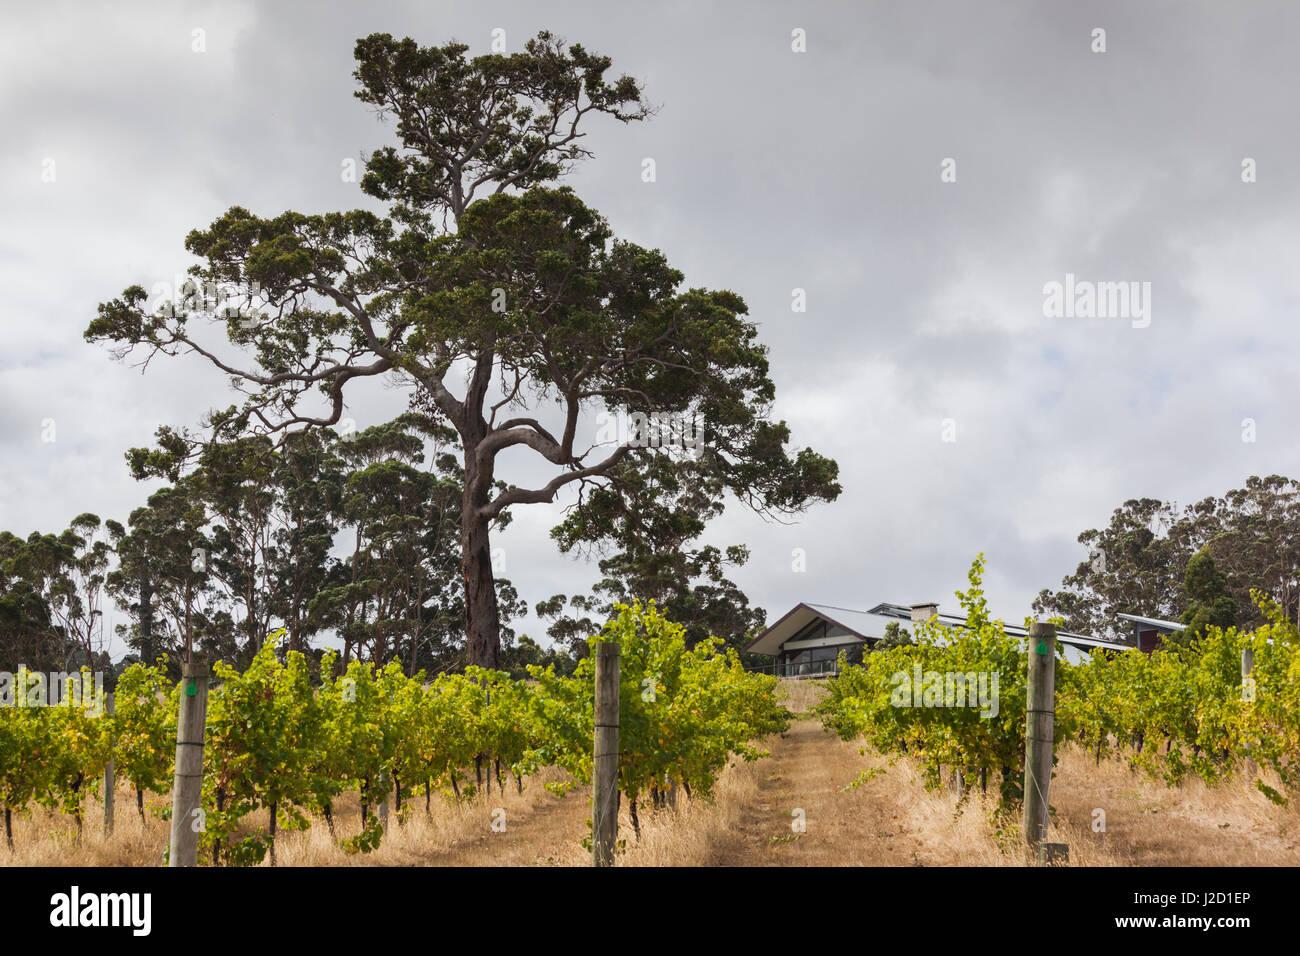 Southwest Australia, Denmark, Forrest Hill Winery vineyard - Stock Image